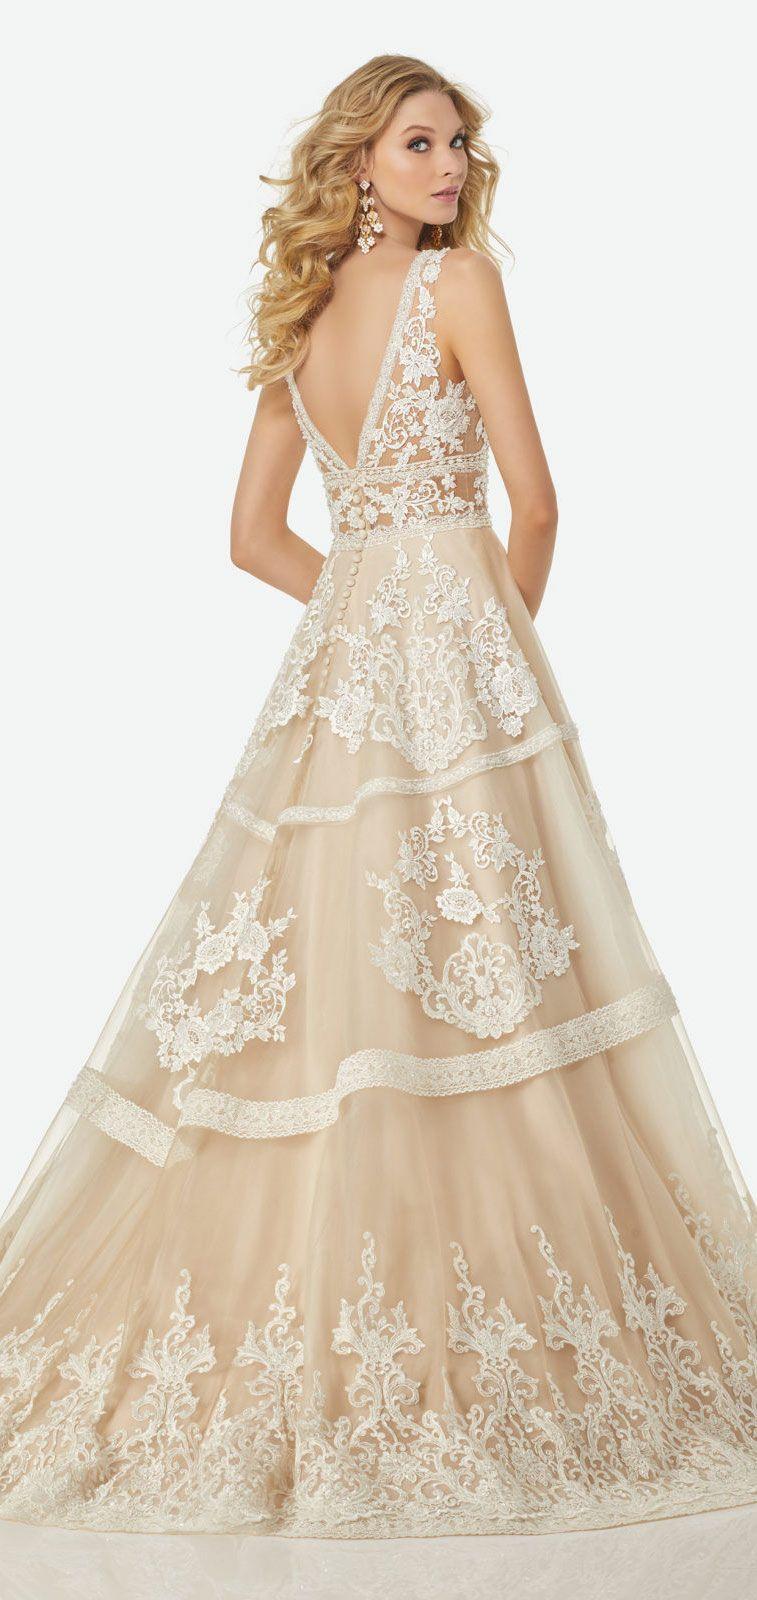 Randy fenoli wedding dresses  Randy Fenoli Bridal  Wedding Dresses  Tulle wedding Neckline